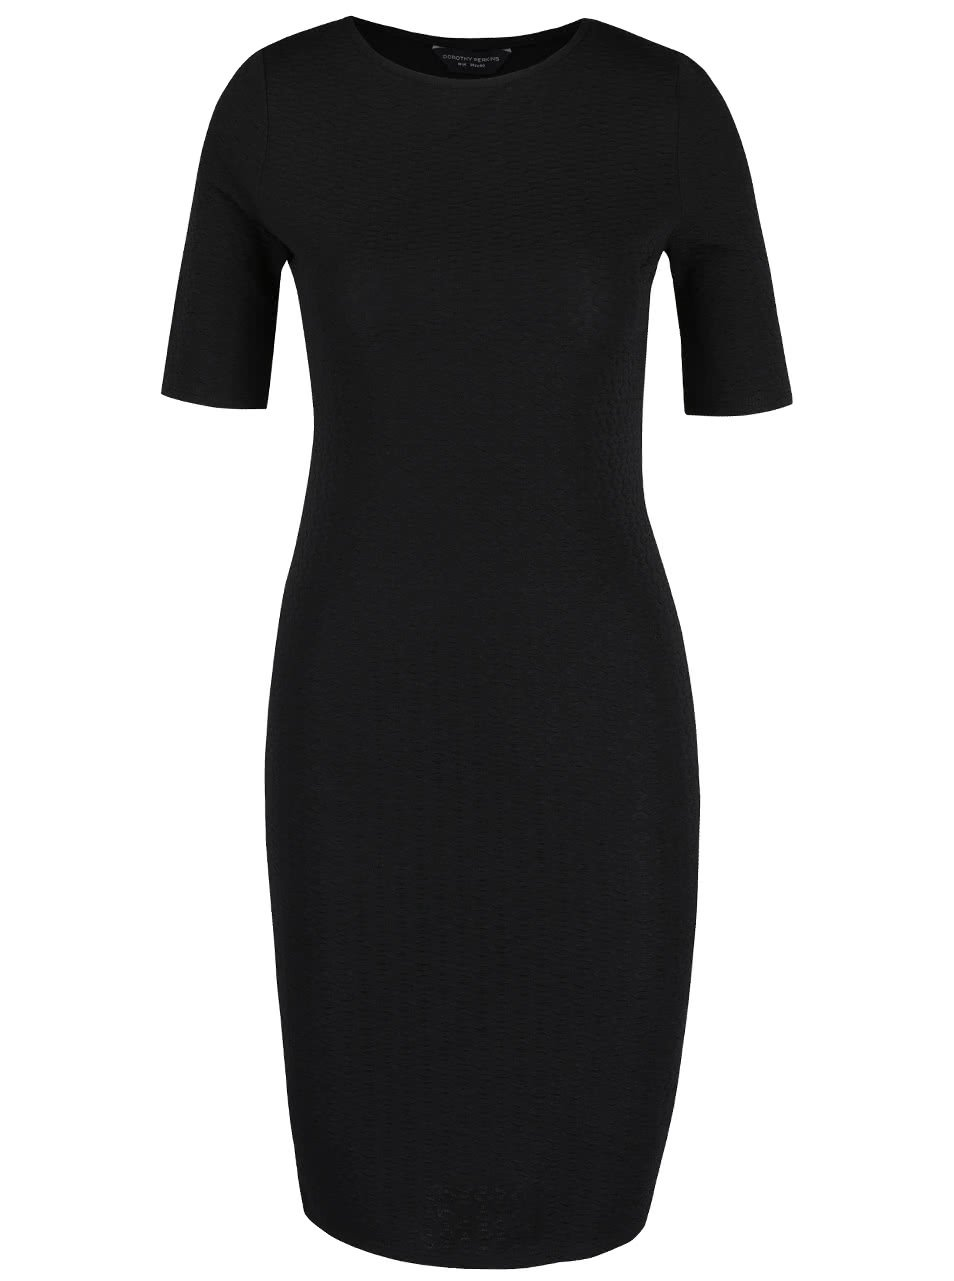 Černé strukturované šaty s krátkým rukávem Dorothy Perkins